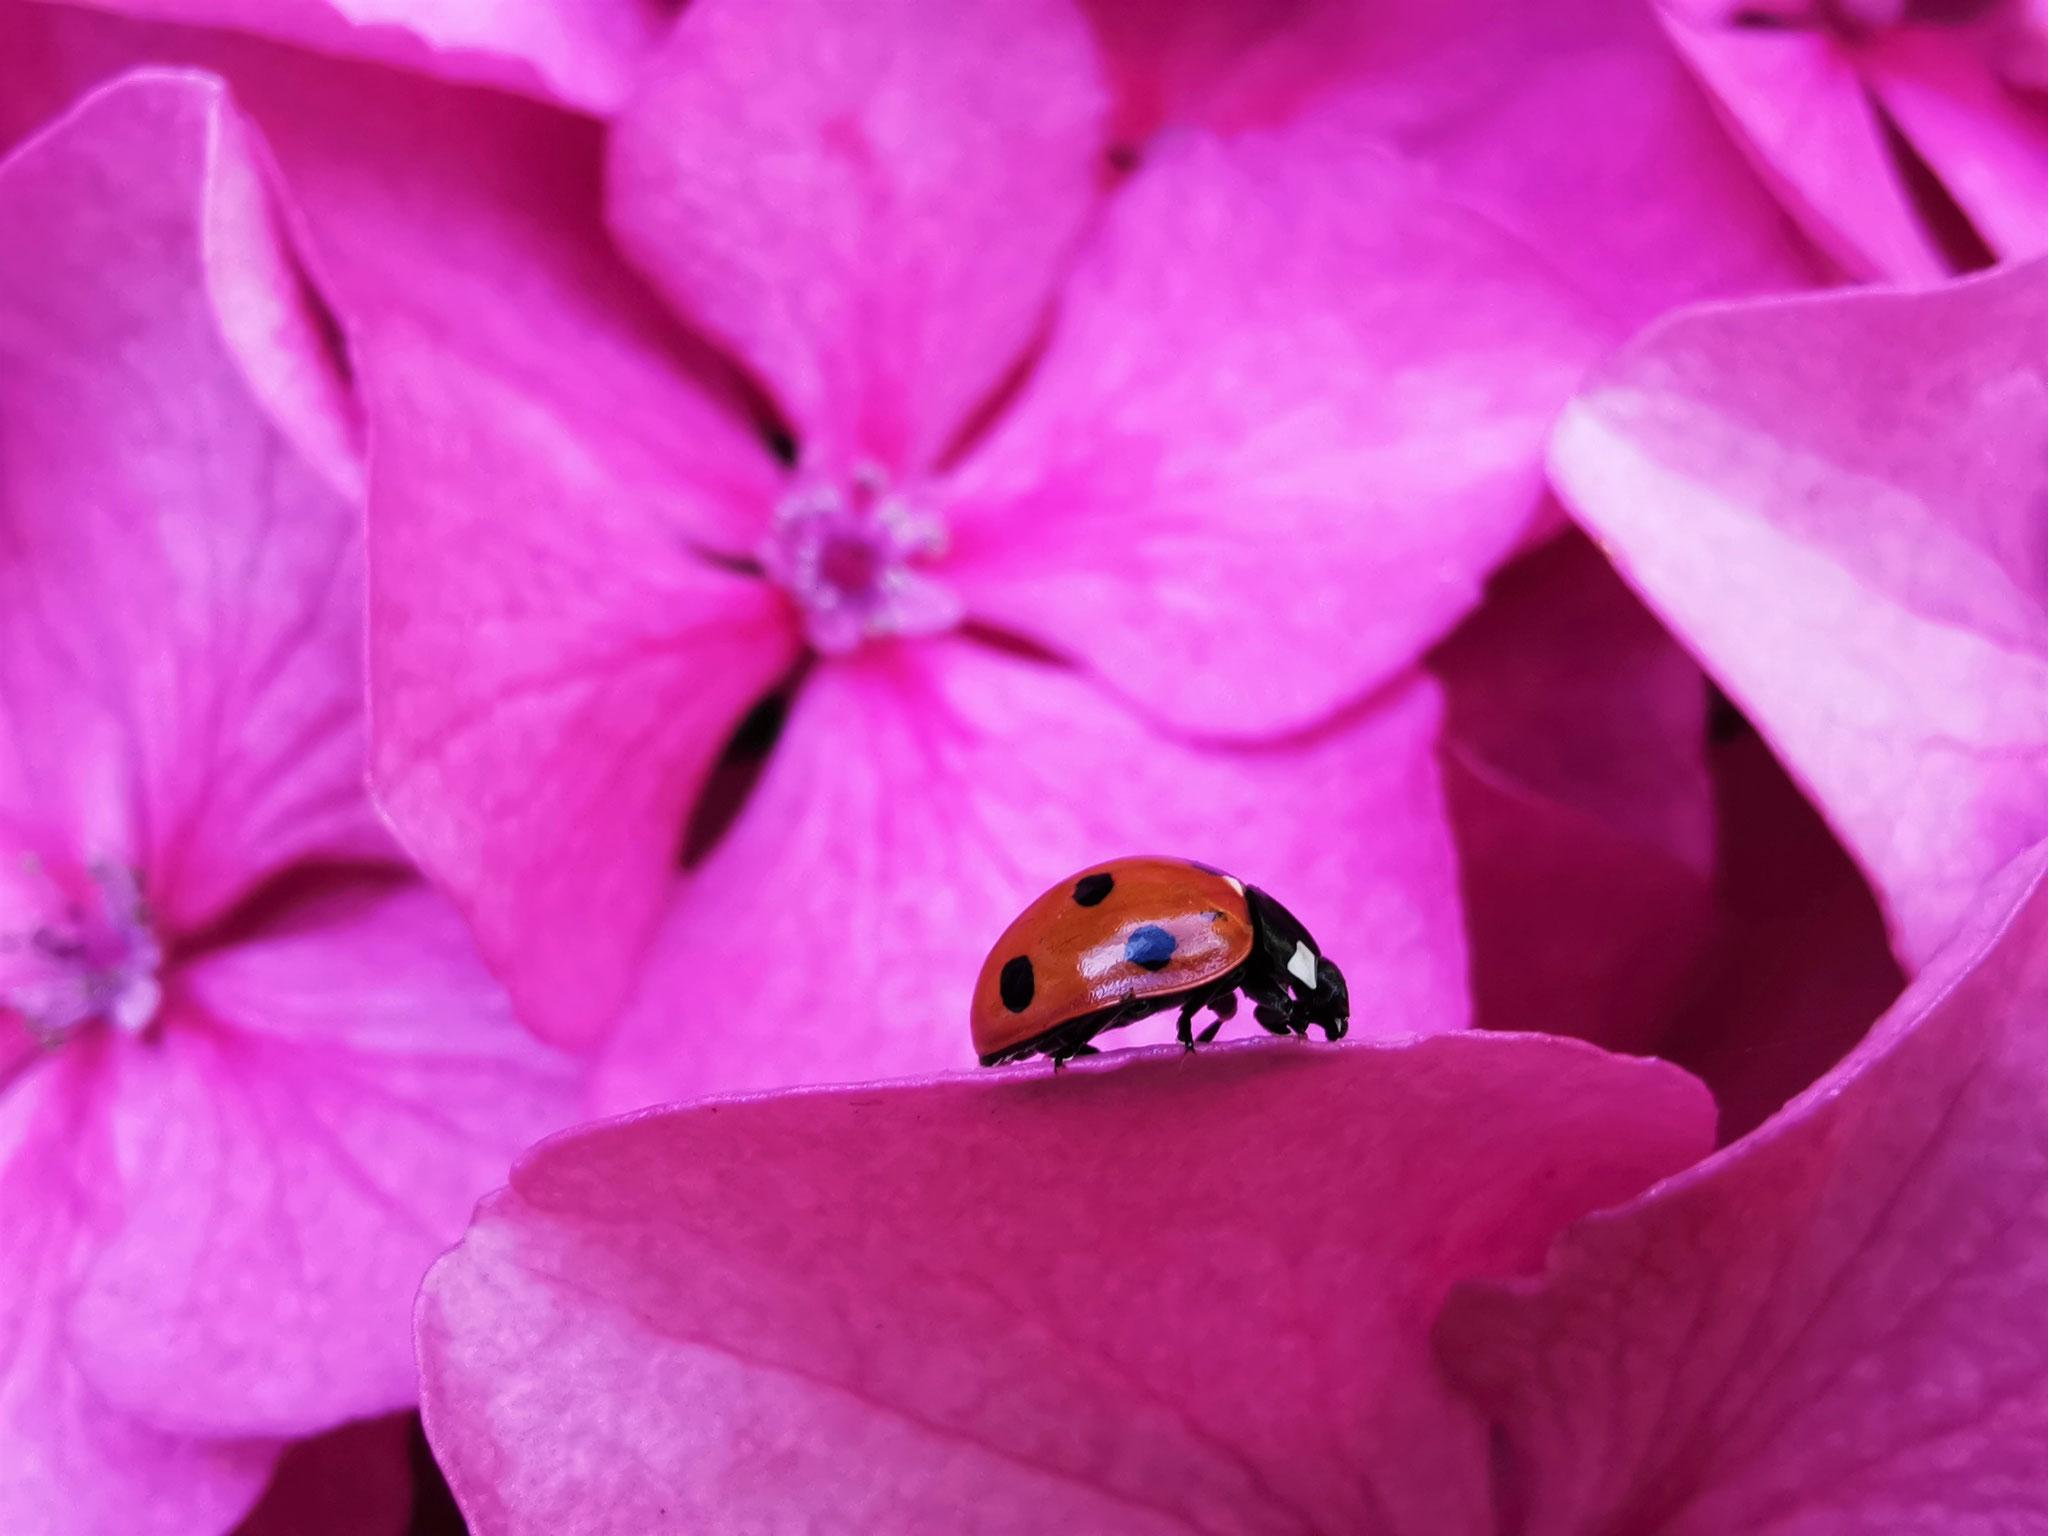 TOP 20: Eine Symphonie in Pink mit Marienkäfer ist dieses Bild von Jennifer Zoerns aus Mainz-Hechtsheim.